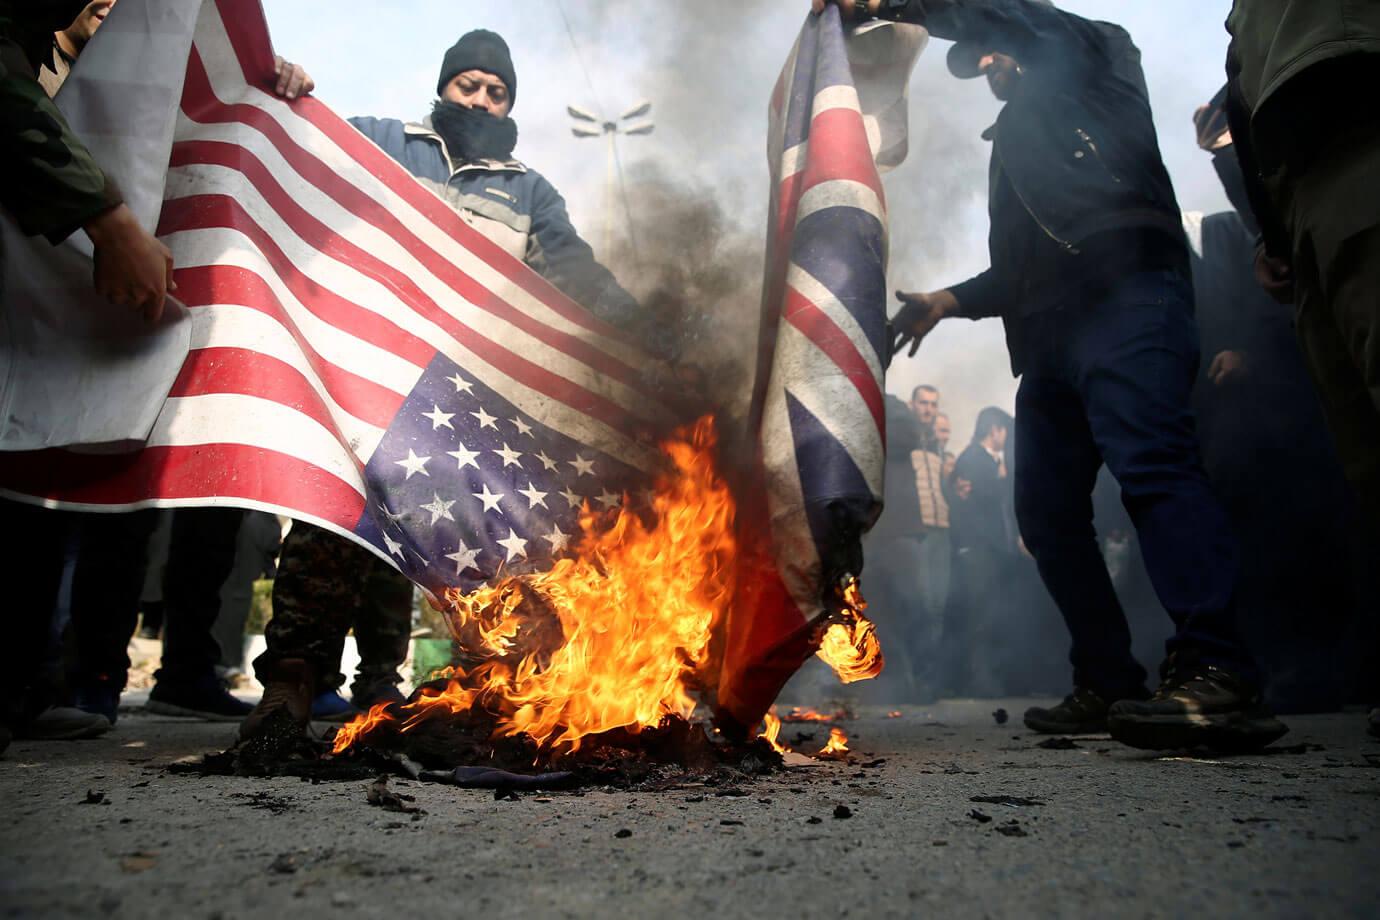 Conflito EUA x Irã: 3 acontecimentos que culminaram na morte de Qassem Soleimani